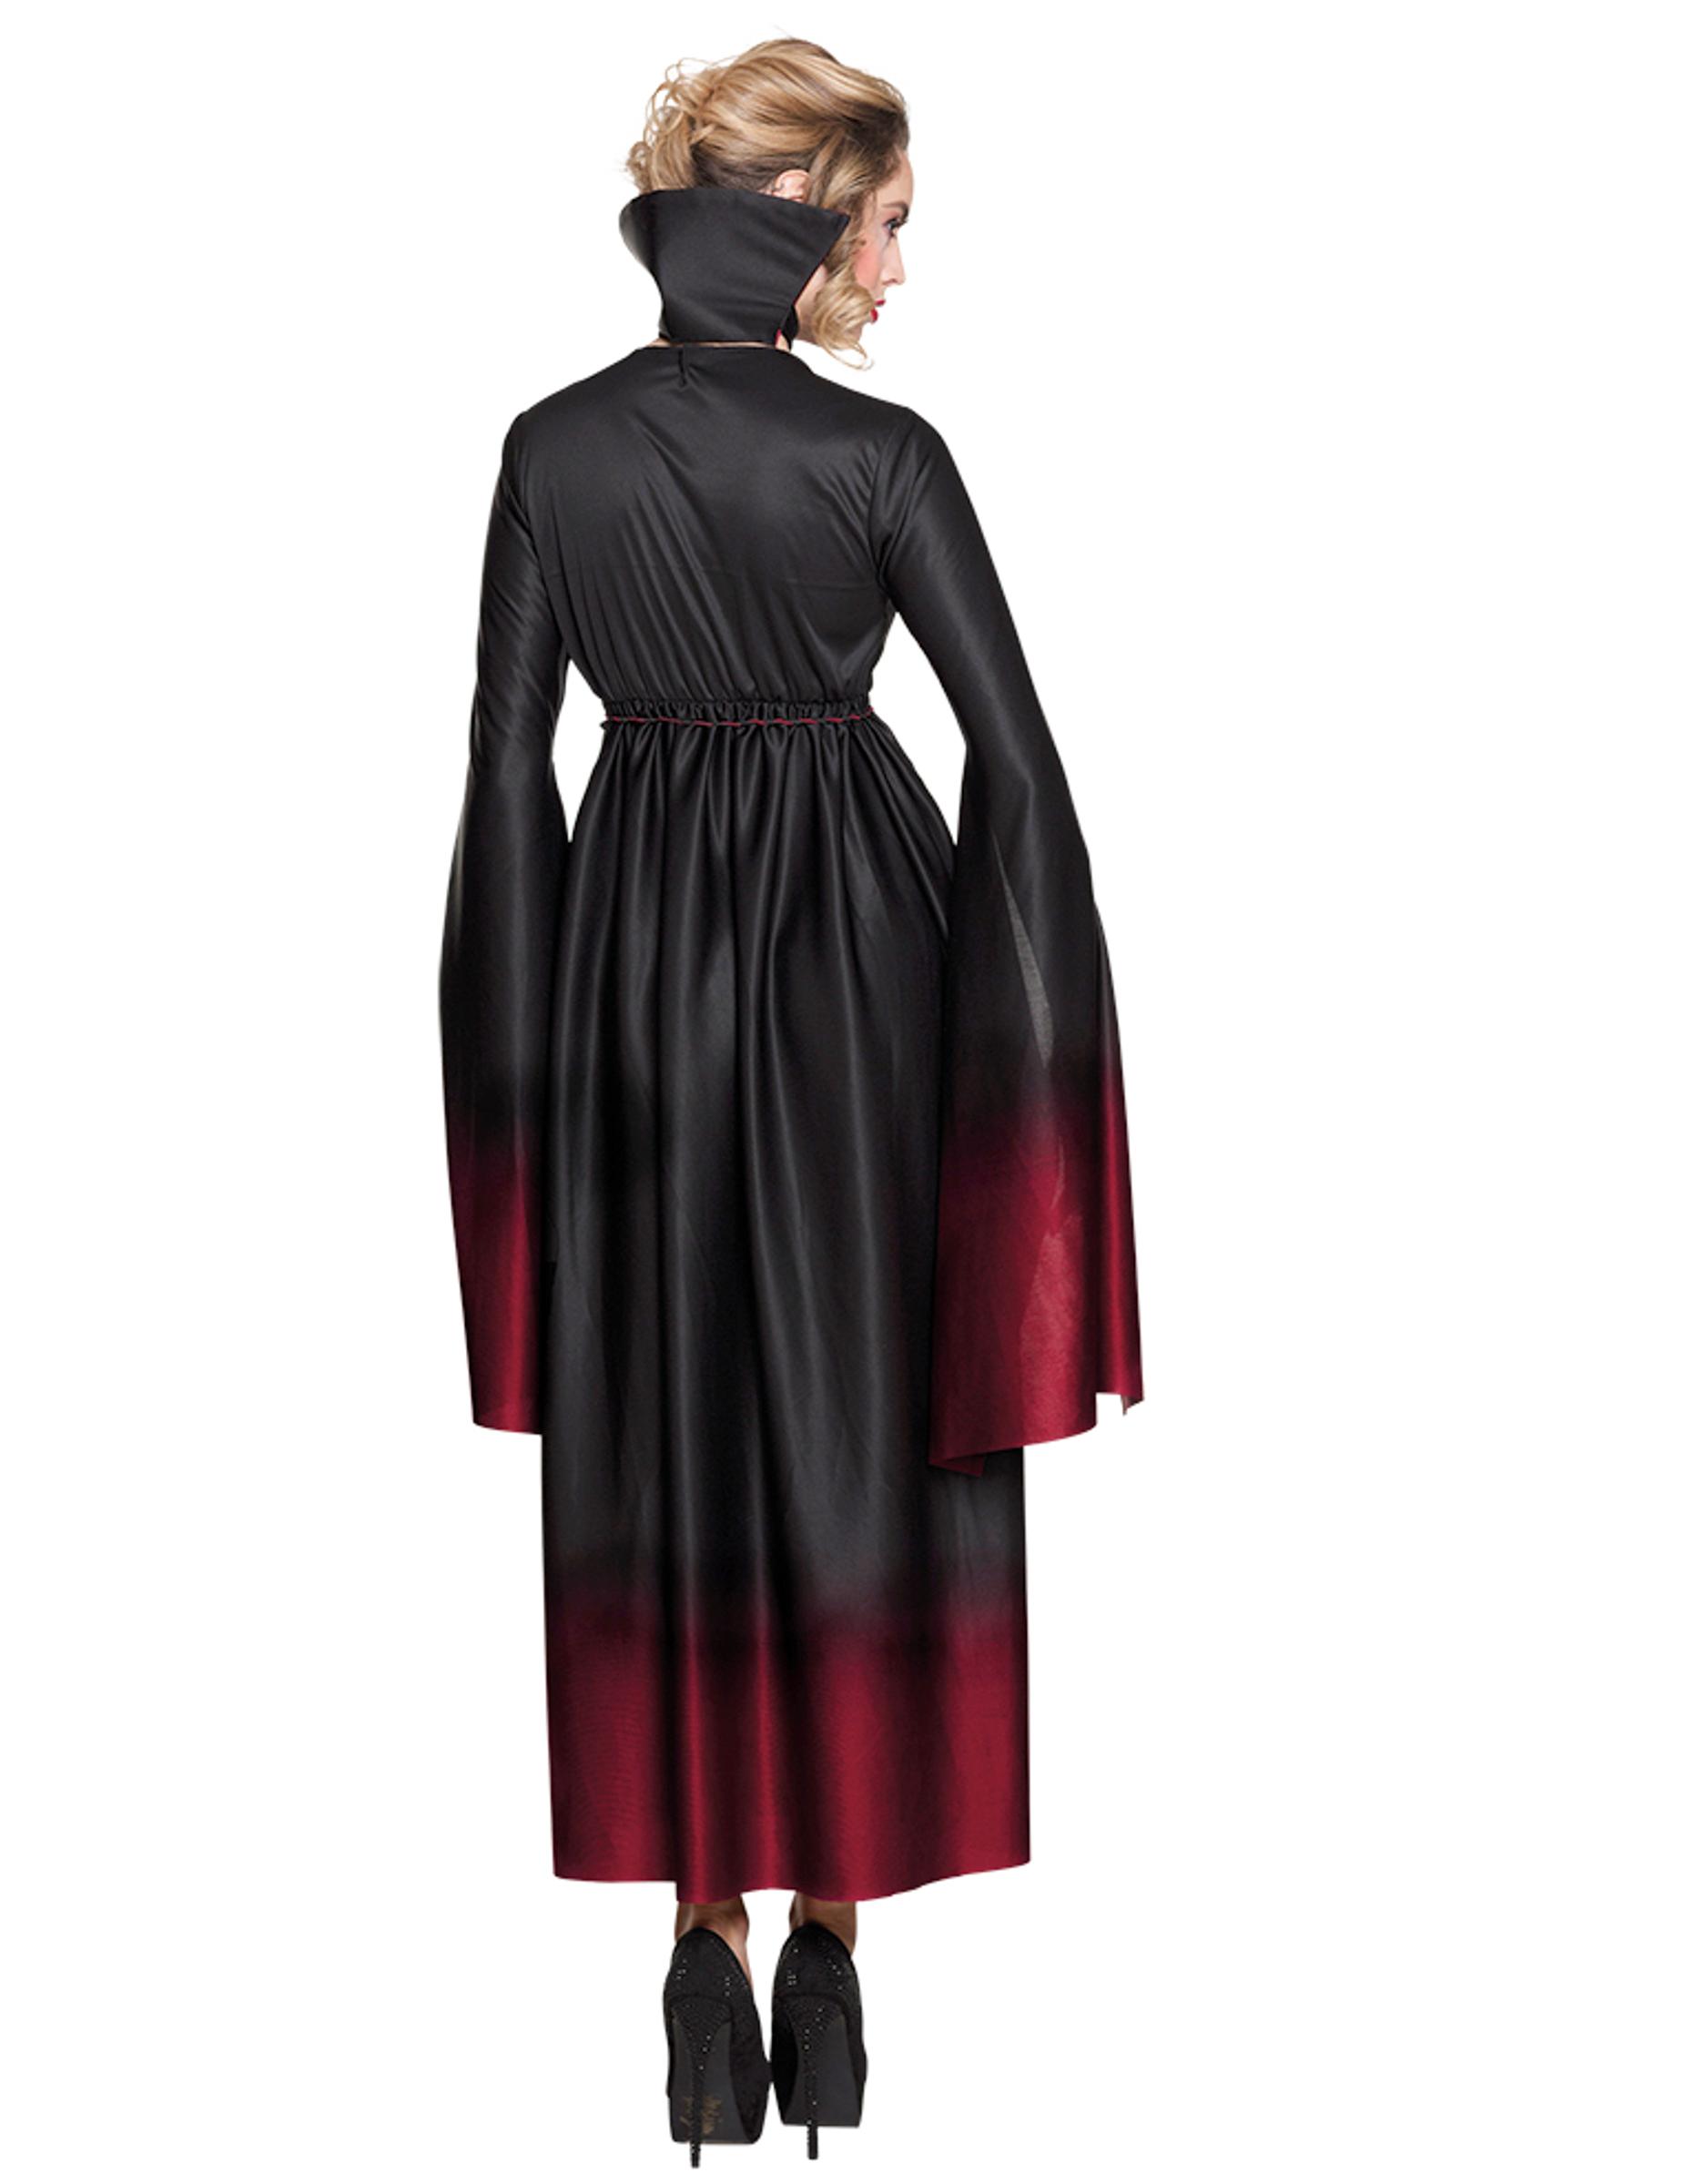 Costume da vampiro nero e rosso sfumato per donna halloween  Costumi ... 7b43b41838c